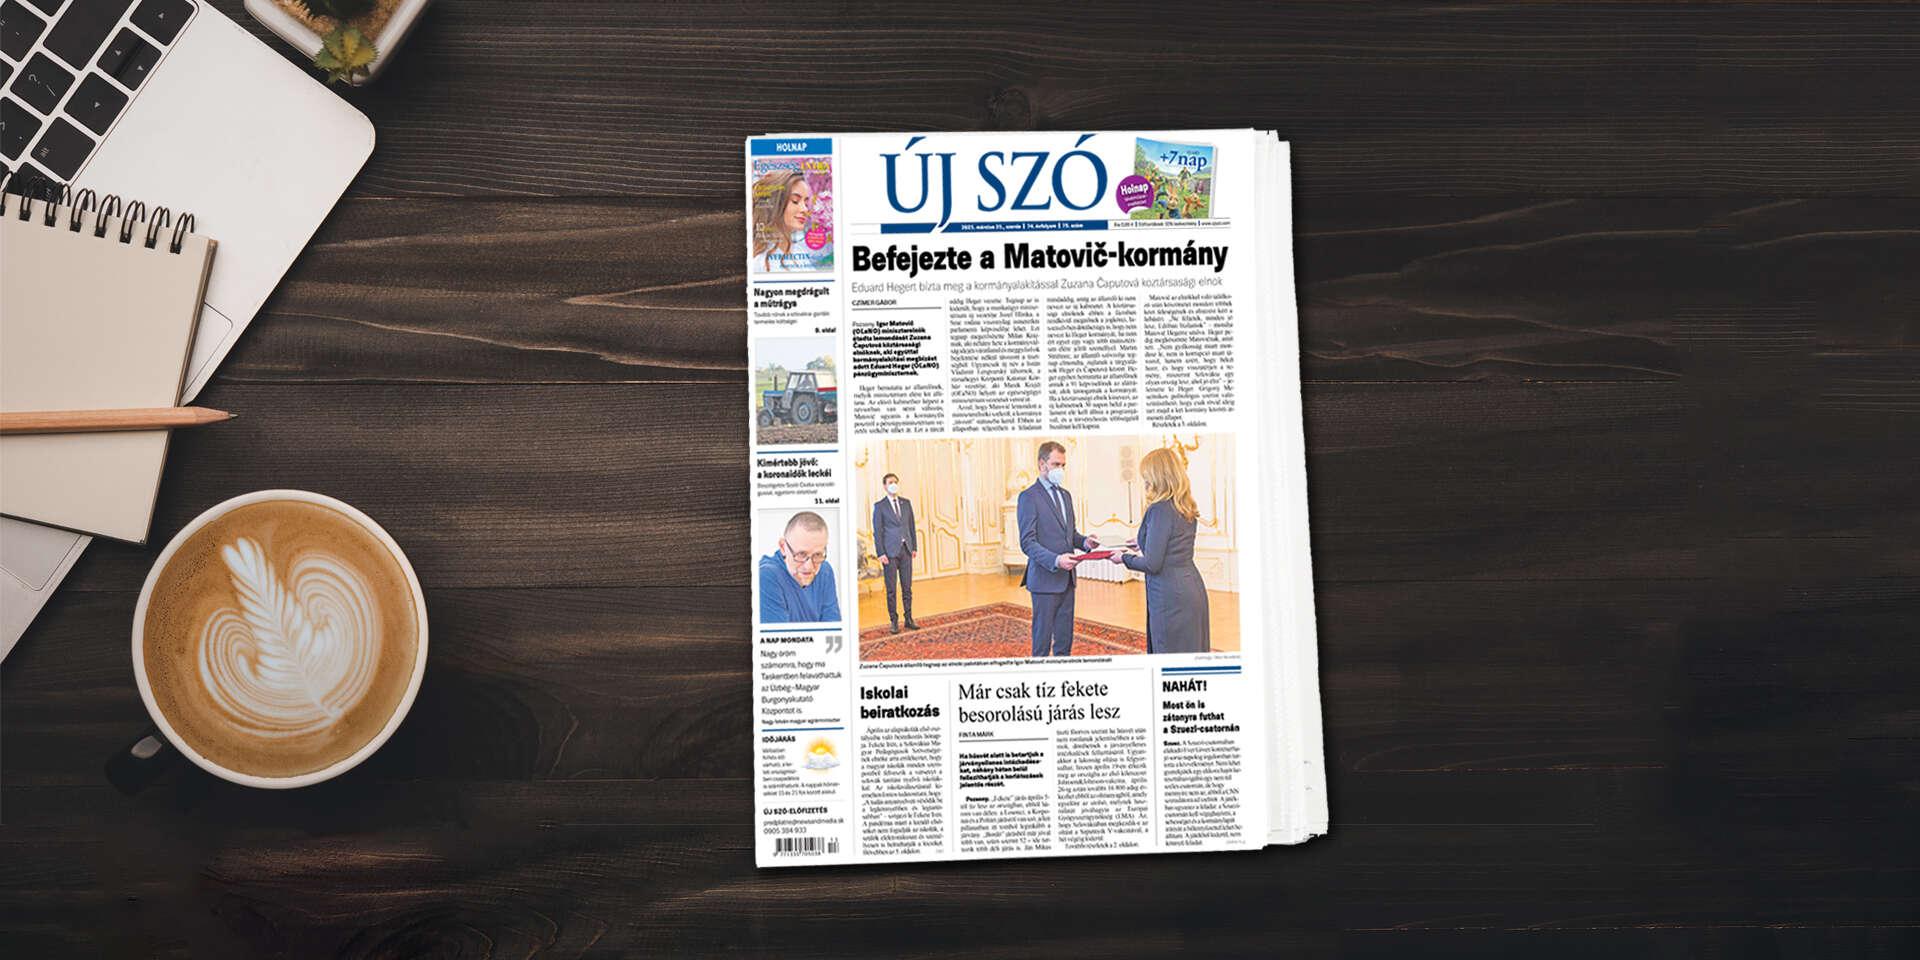 Ročné predplatné maďarského denníka Új Szó